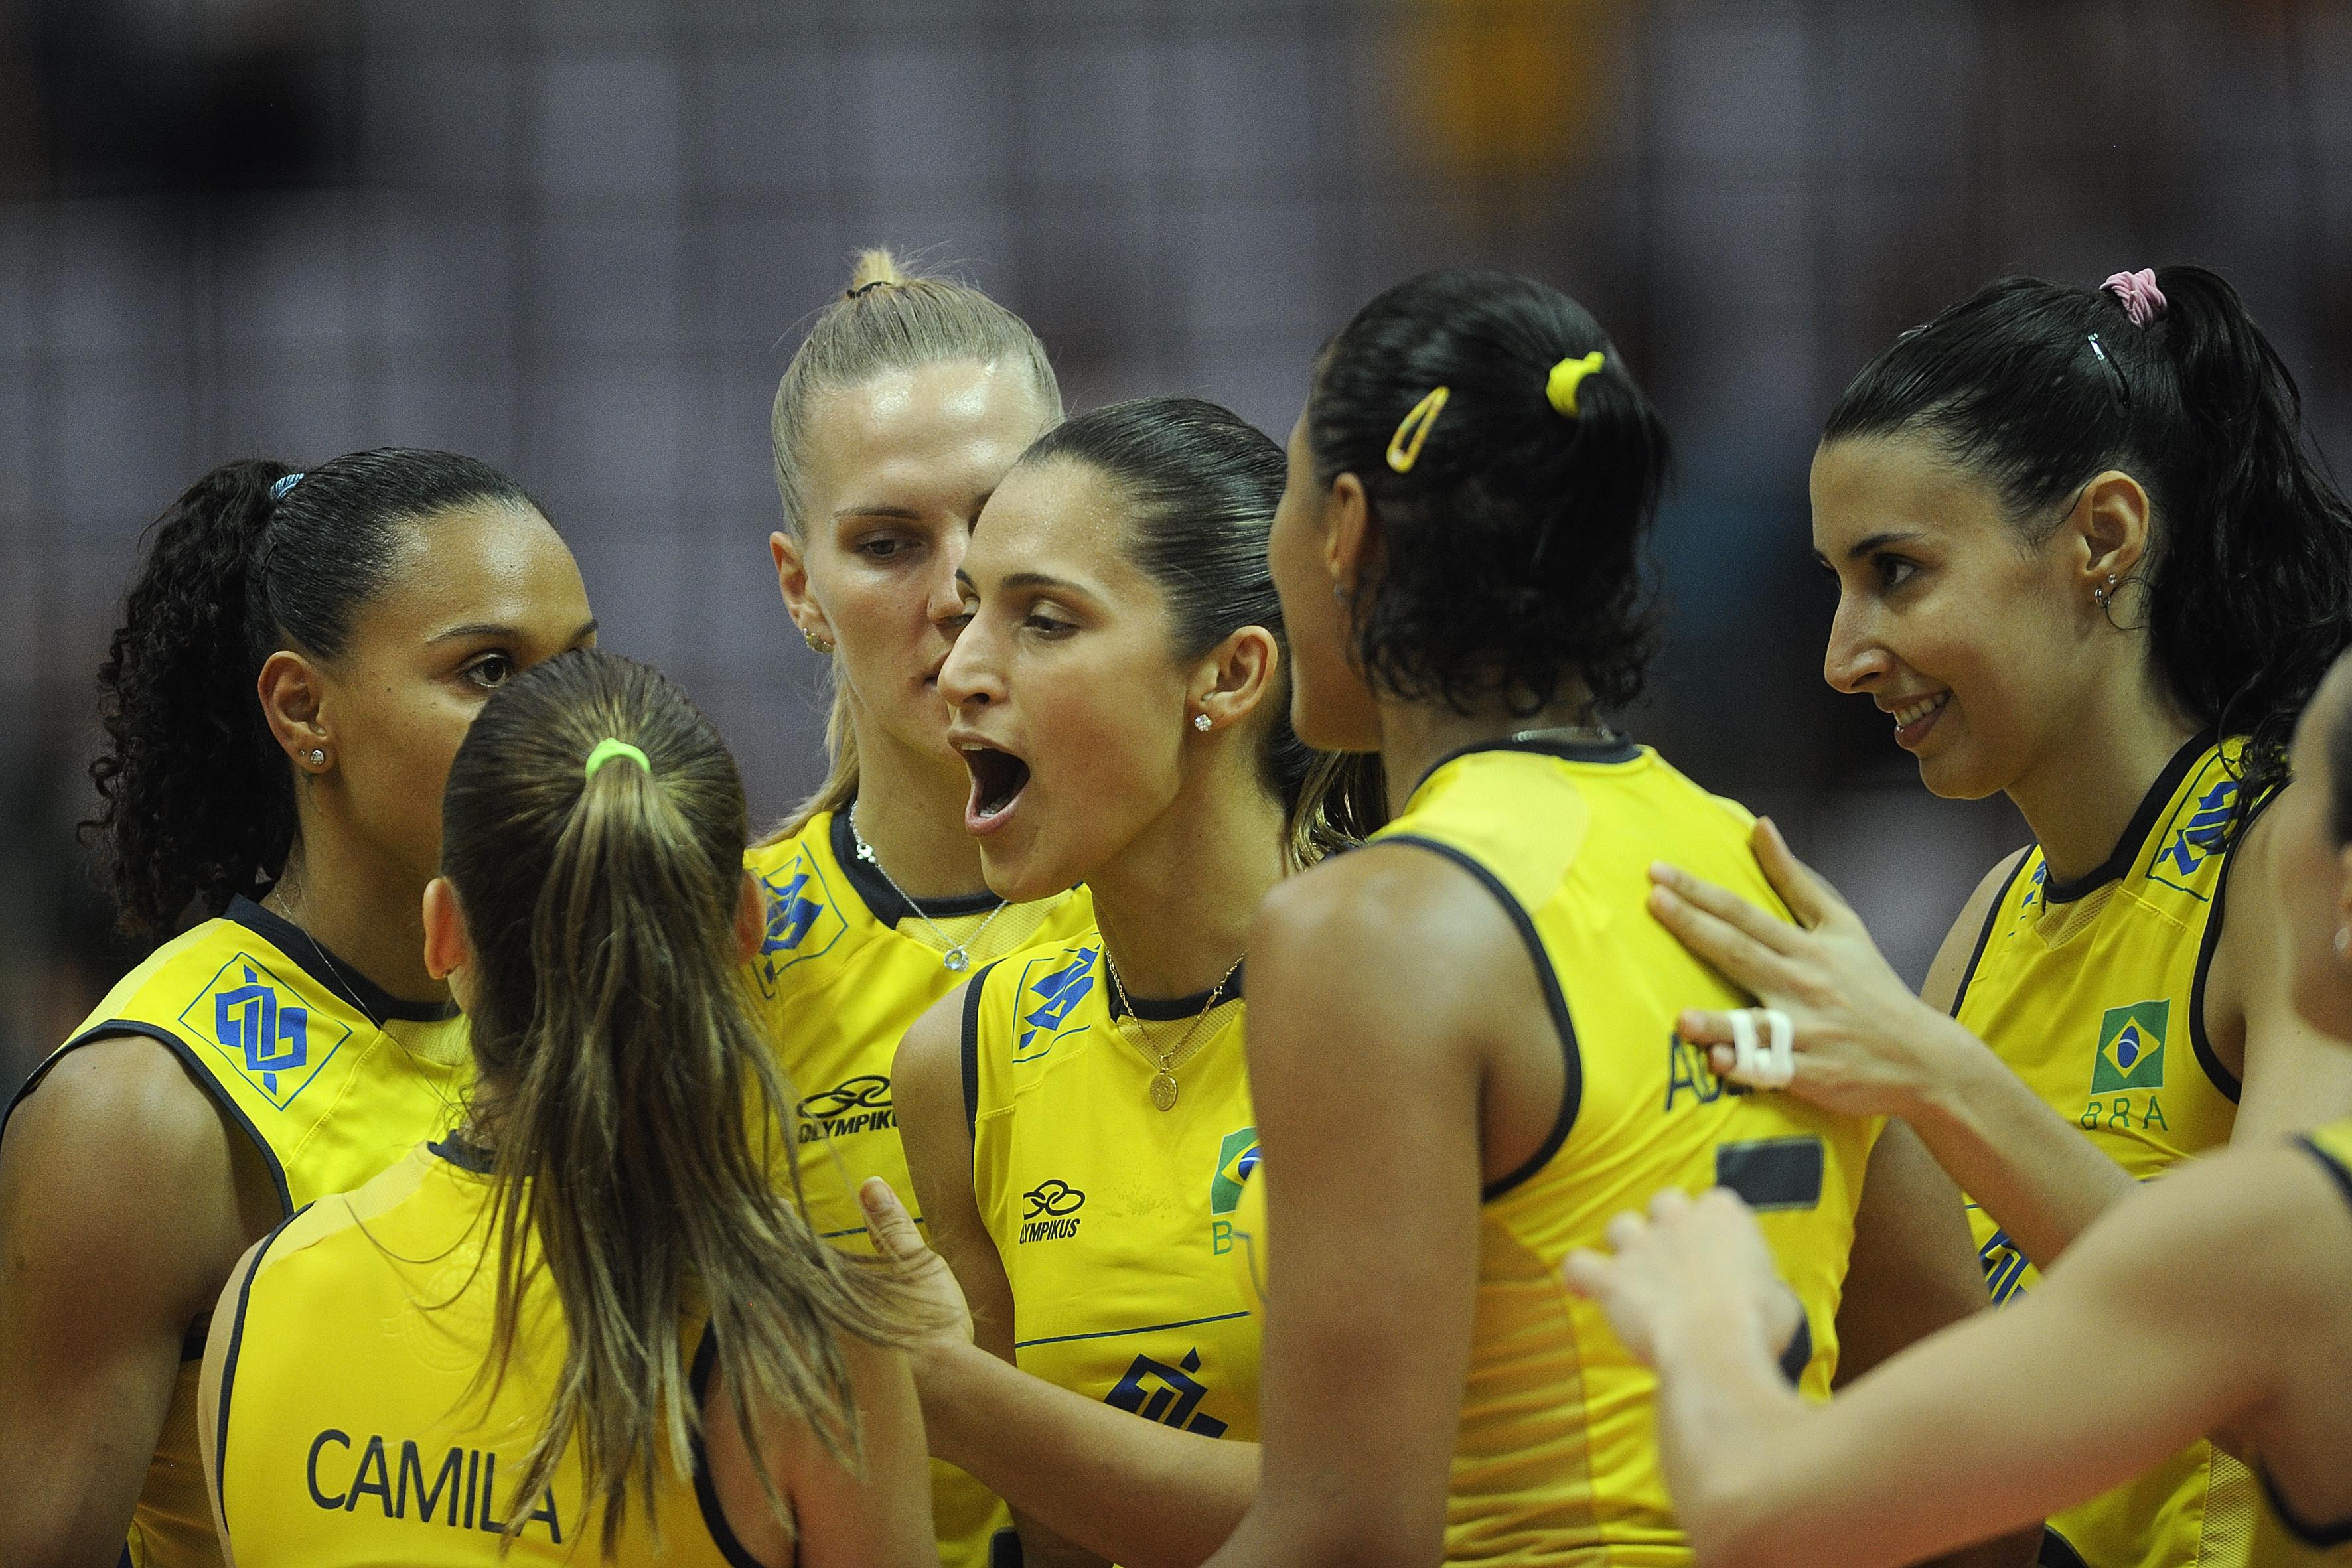 Team Brasil celebrate for their winning streak